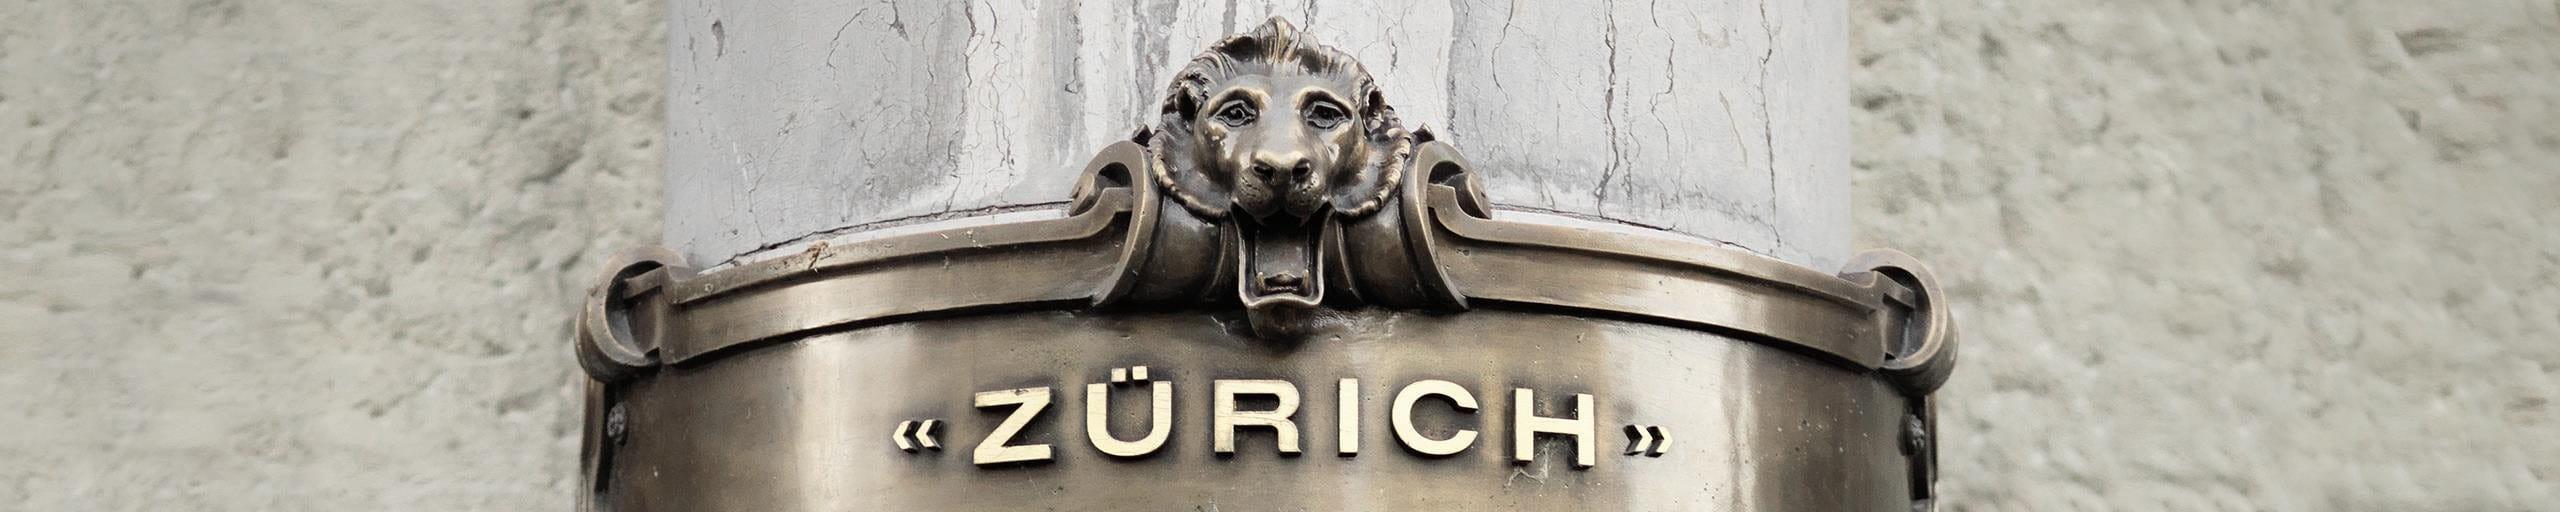 Eine Säule mit dem alten Logo von Zurich.